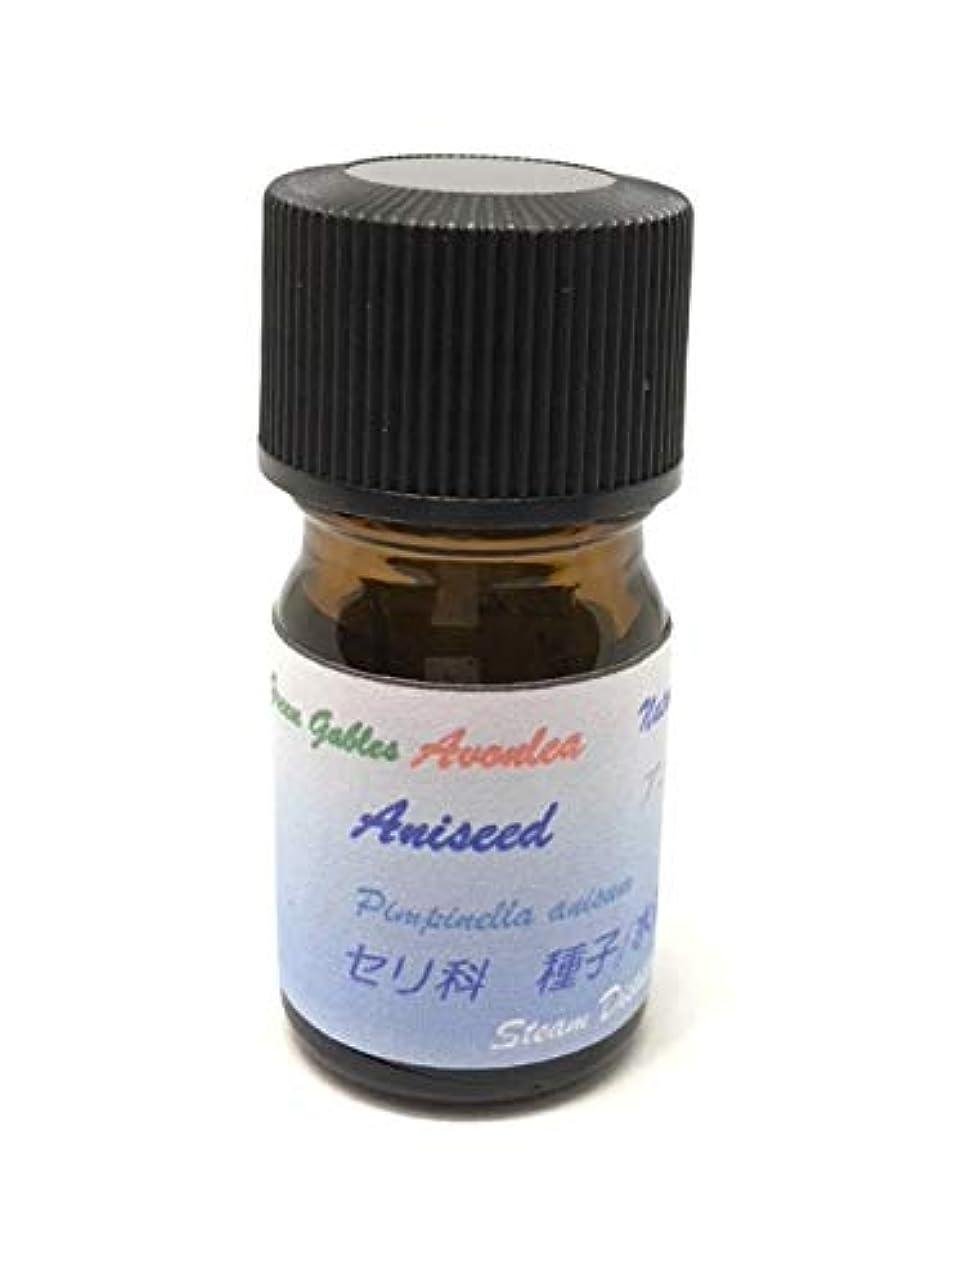 医薬ランチナラーバーアニシード ピュアエッセンシャルオイル 15ml Aniseed